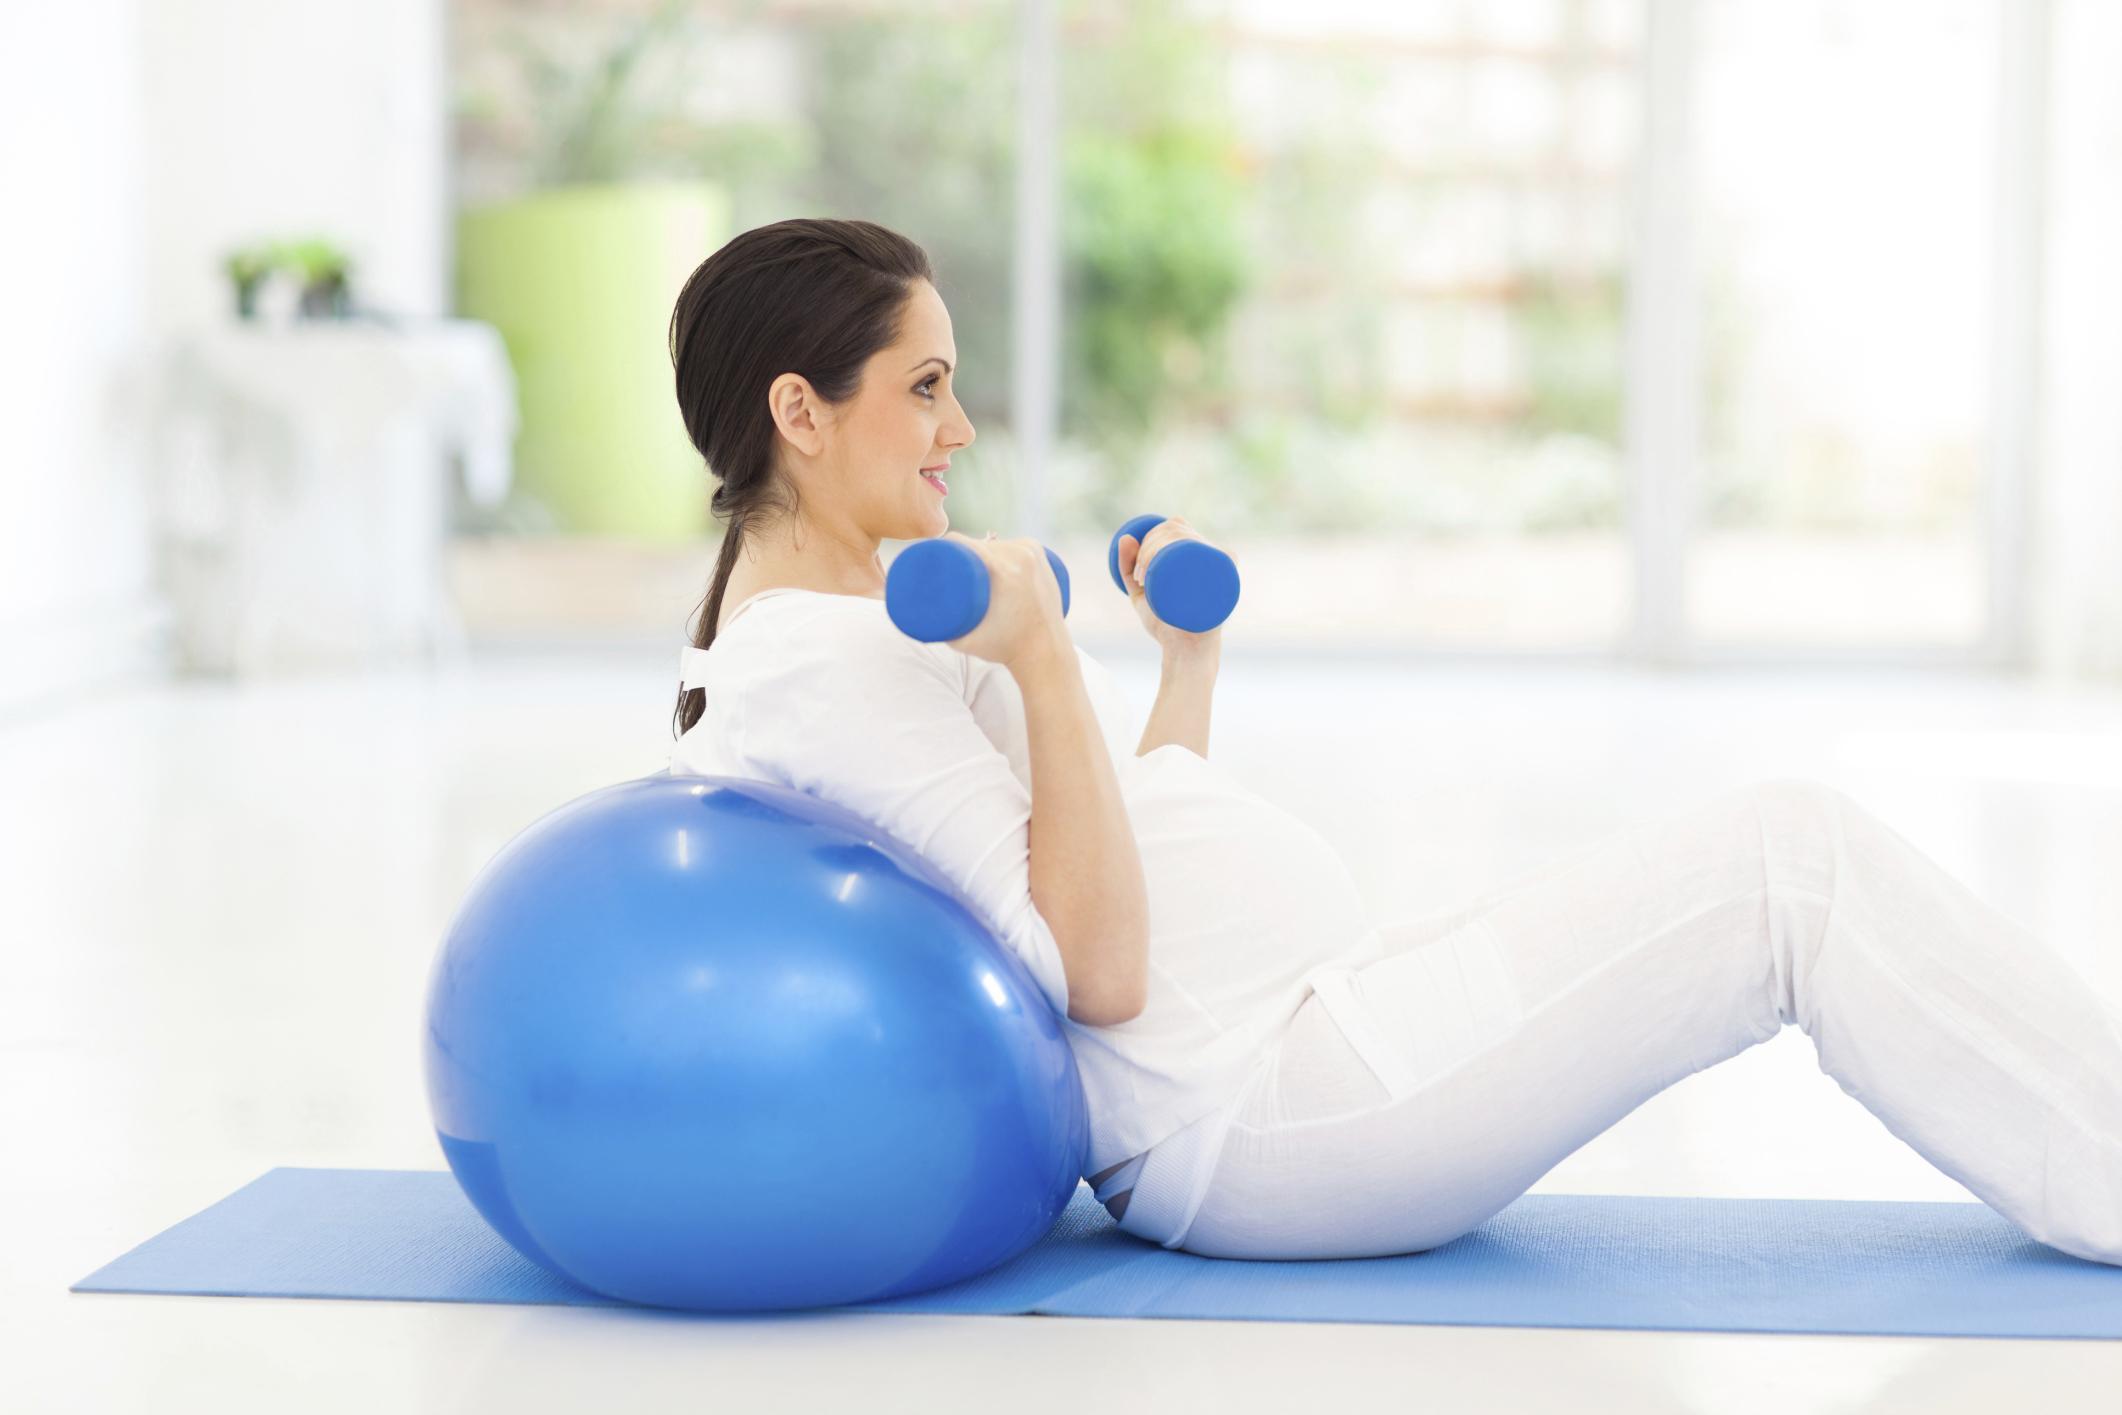 Quando é Melhor Não Fazer Exercício?